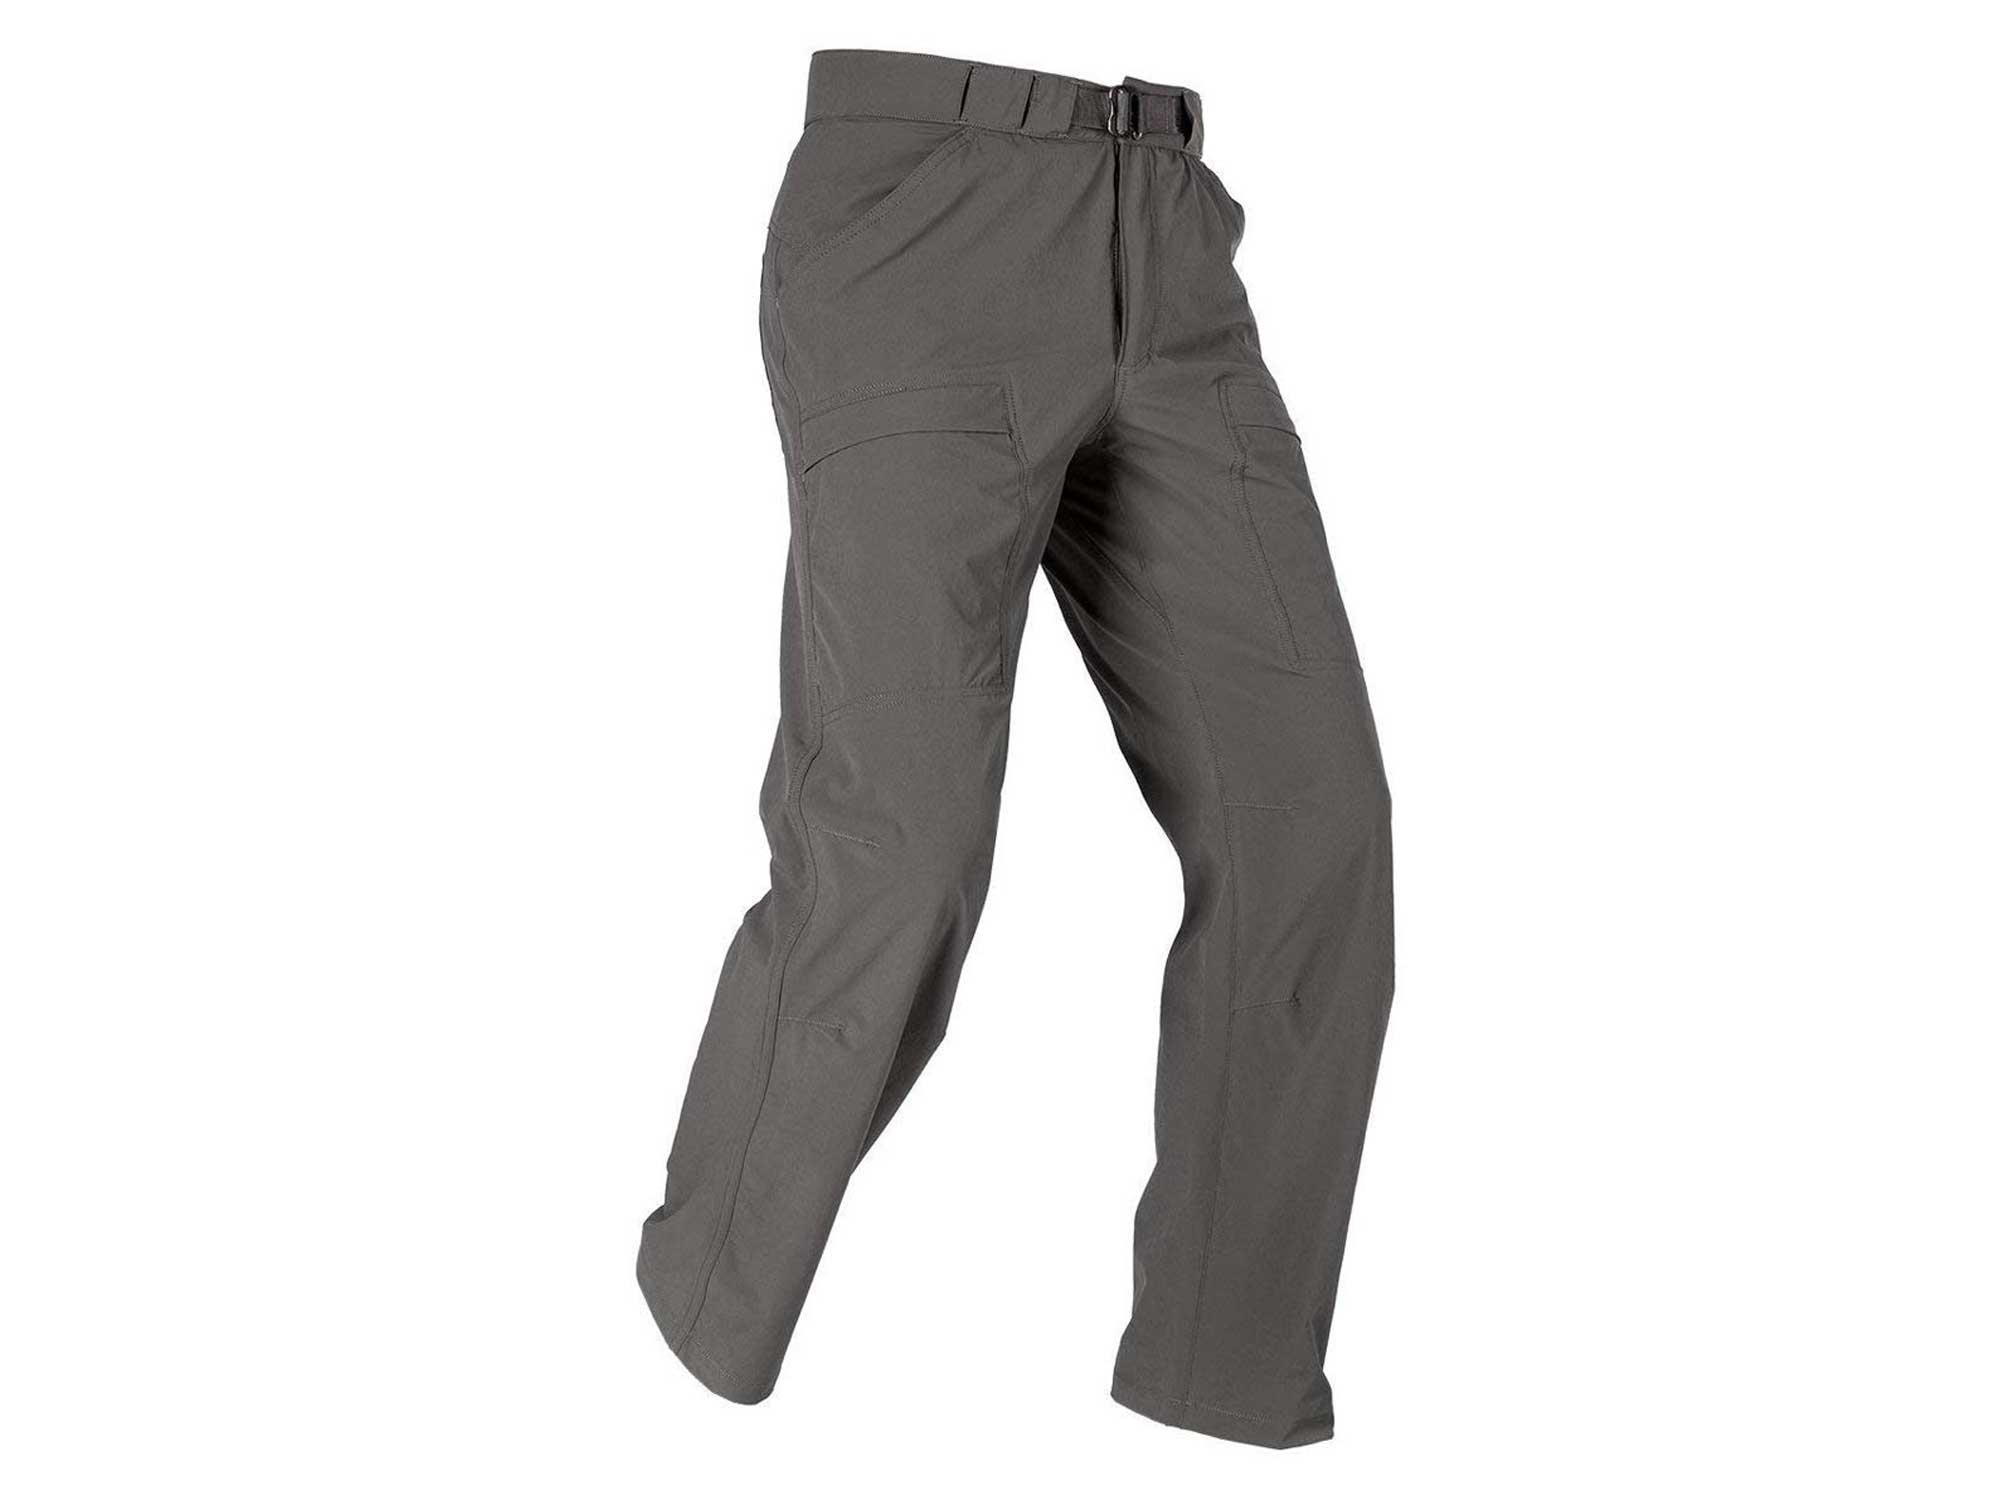 FREE SOLDIER Men's Outdoor Cargo Hiking Pants Lightweight Waterproof Quick Dry Tactical Pants